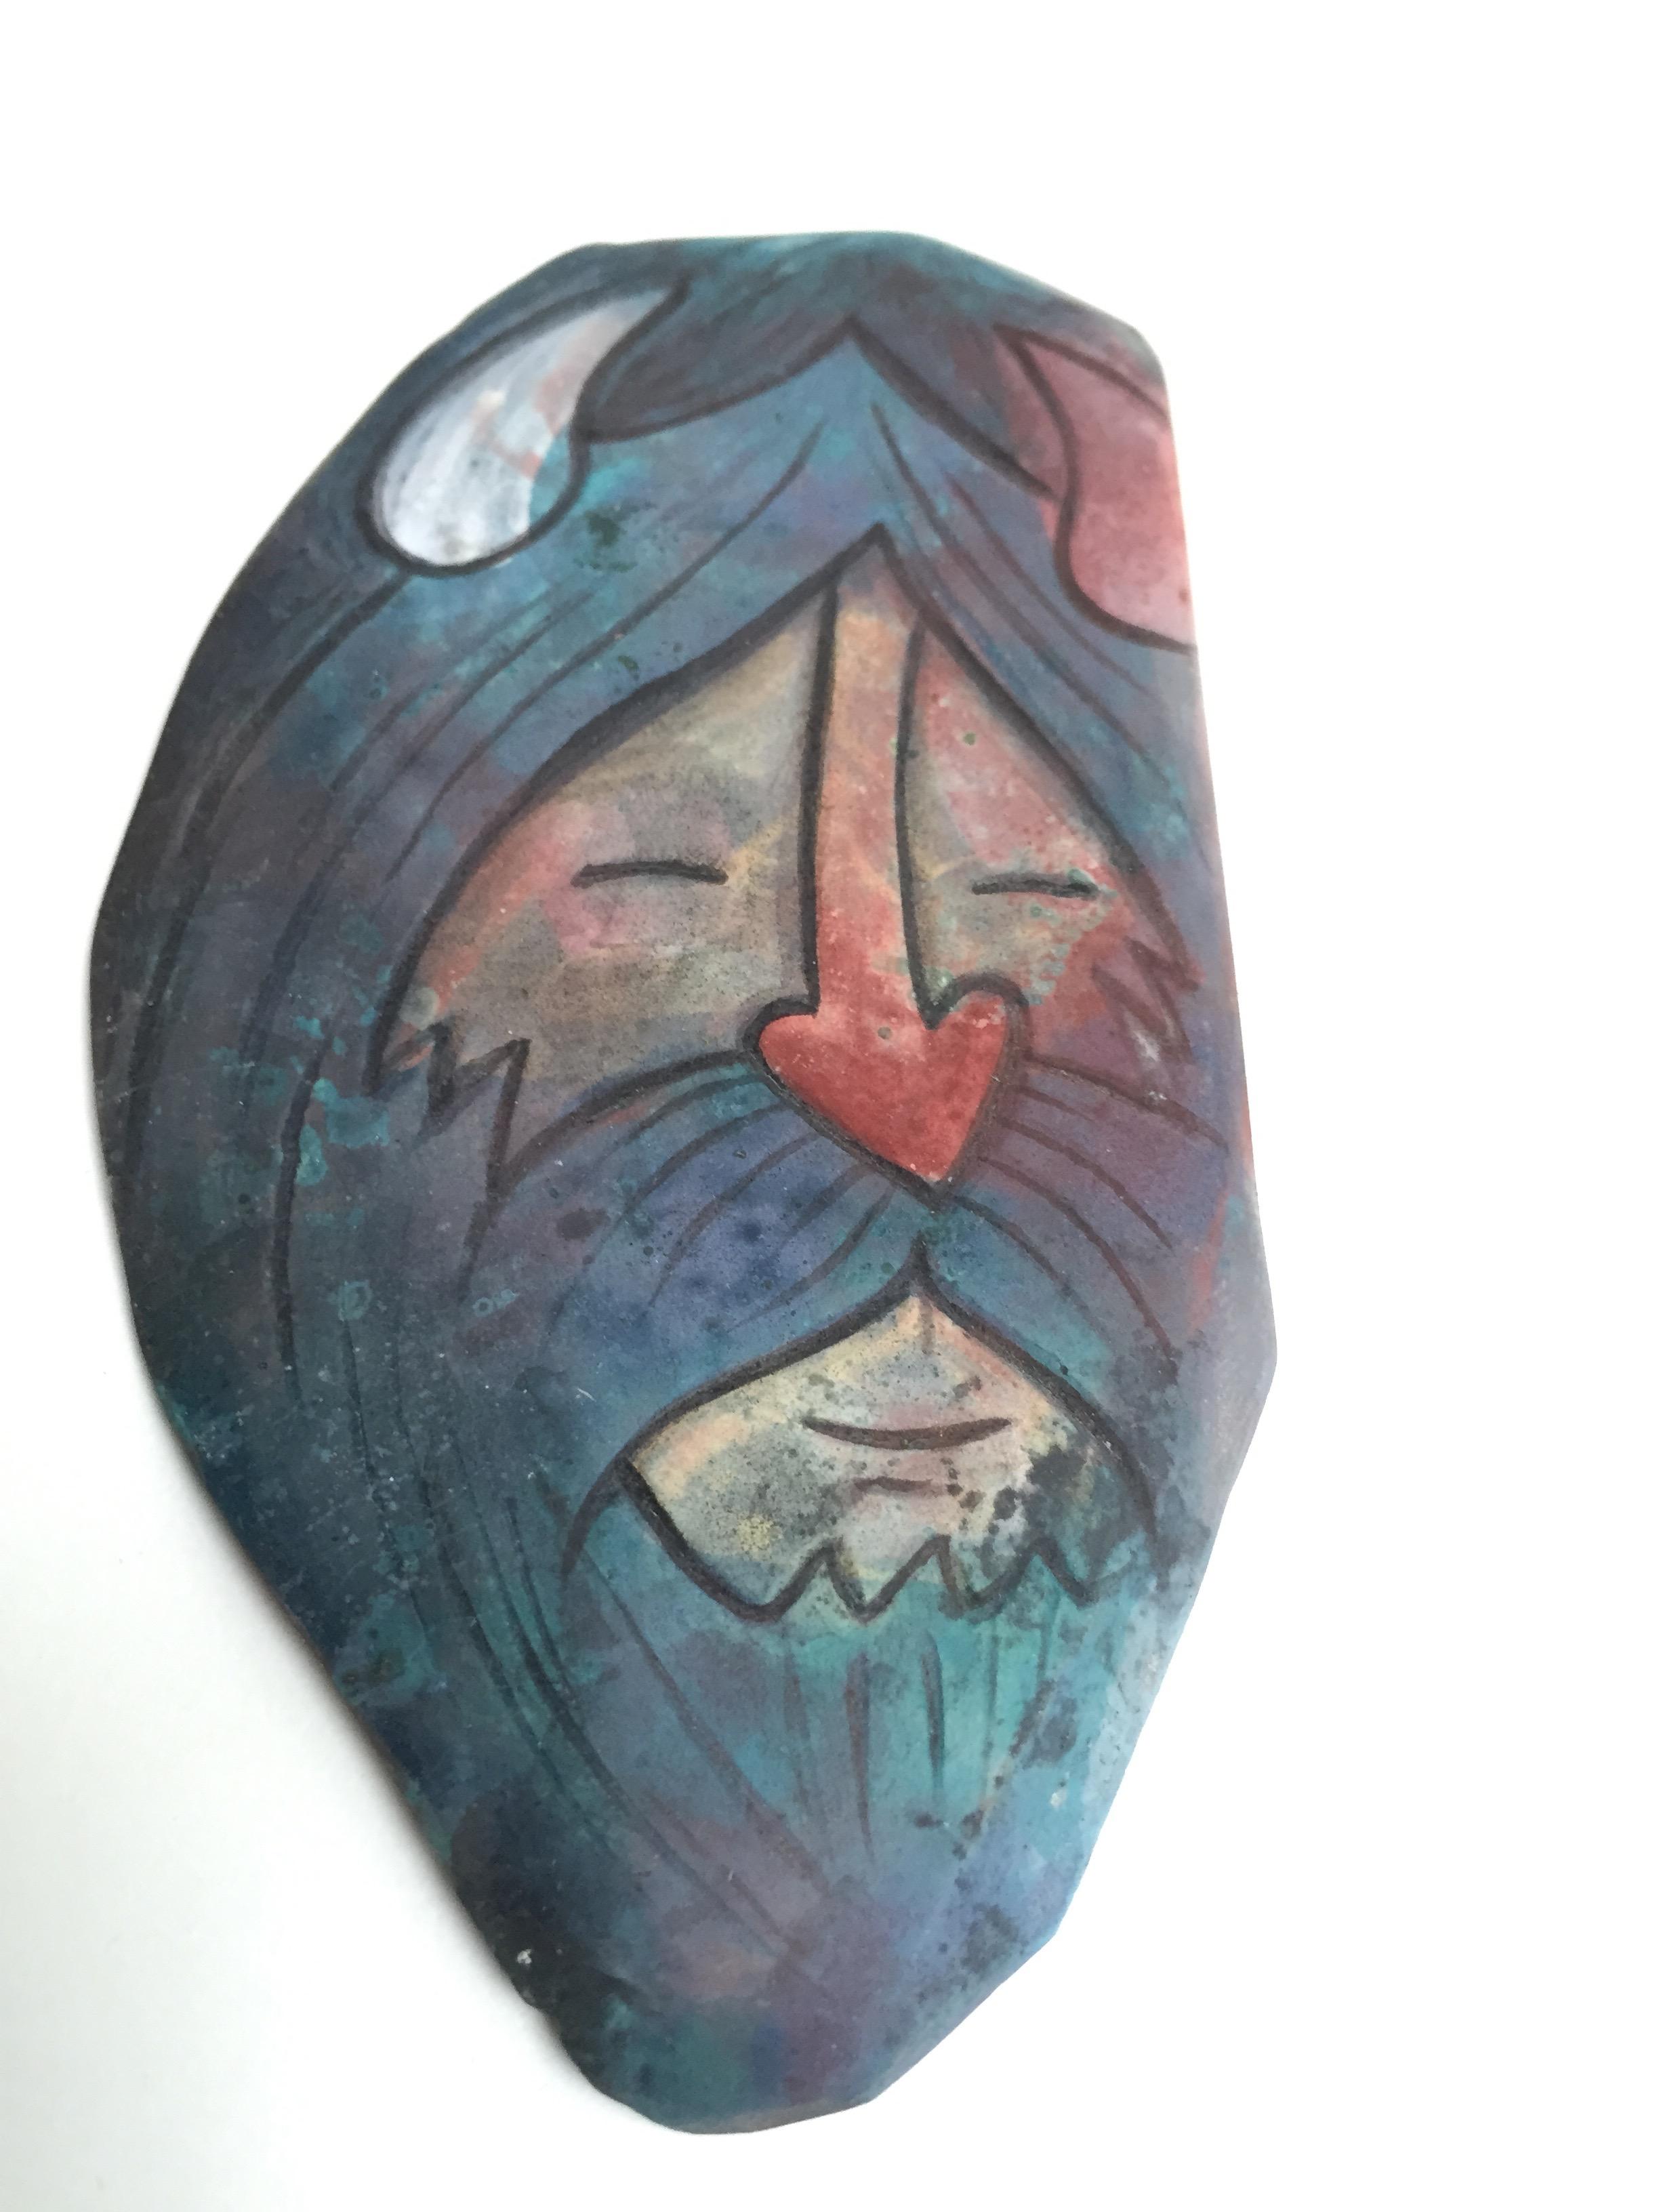 Skimming stone 01